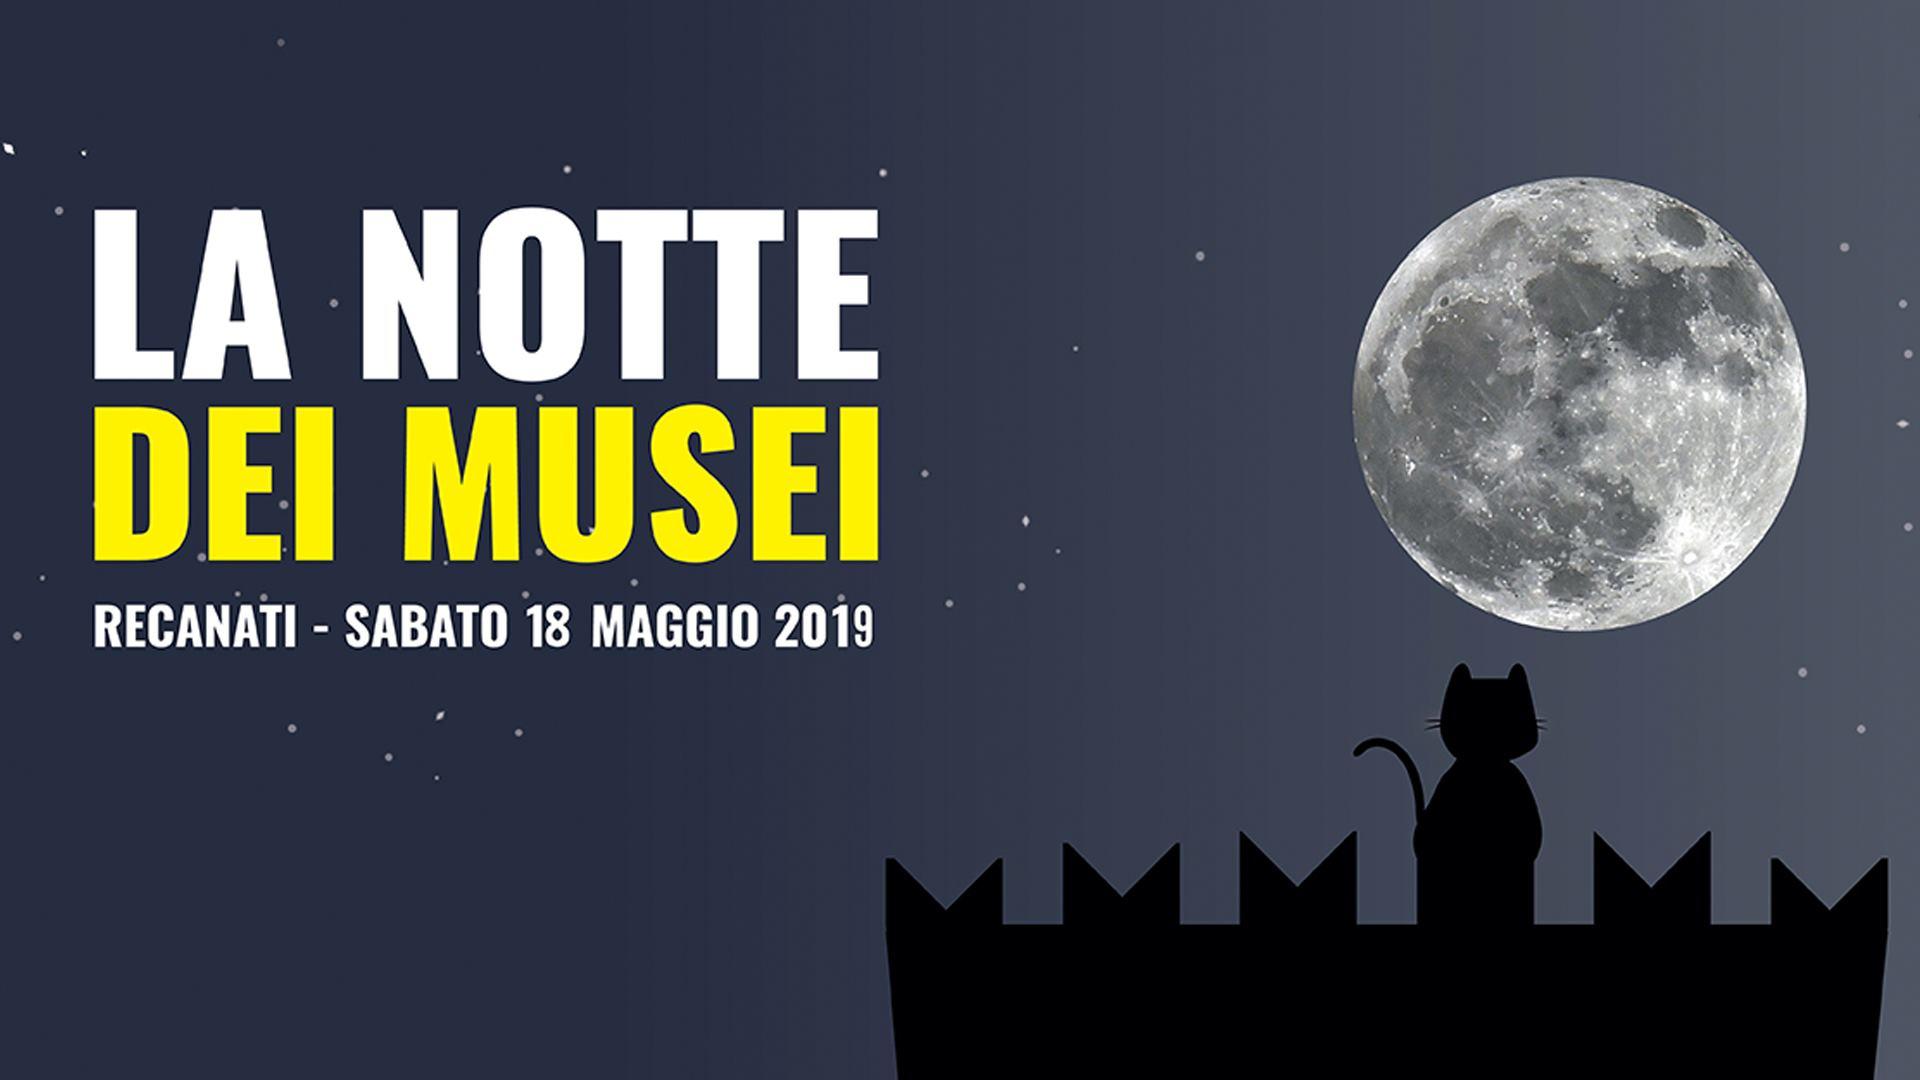 Recanati, visite e spettacoli per la Notte dei Musei